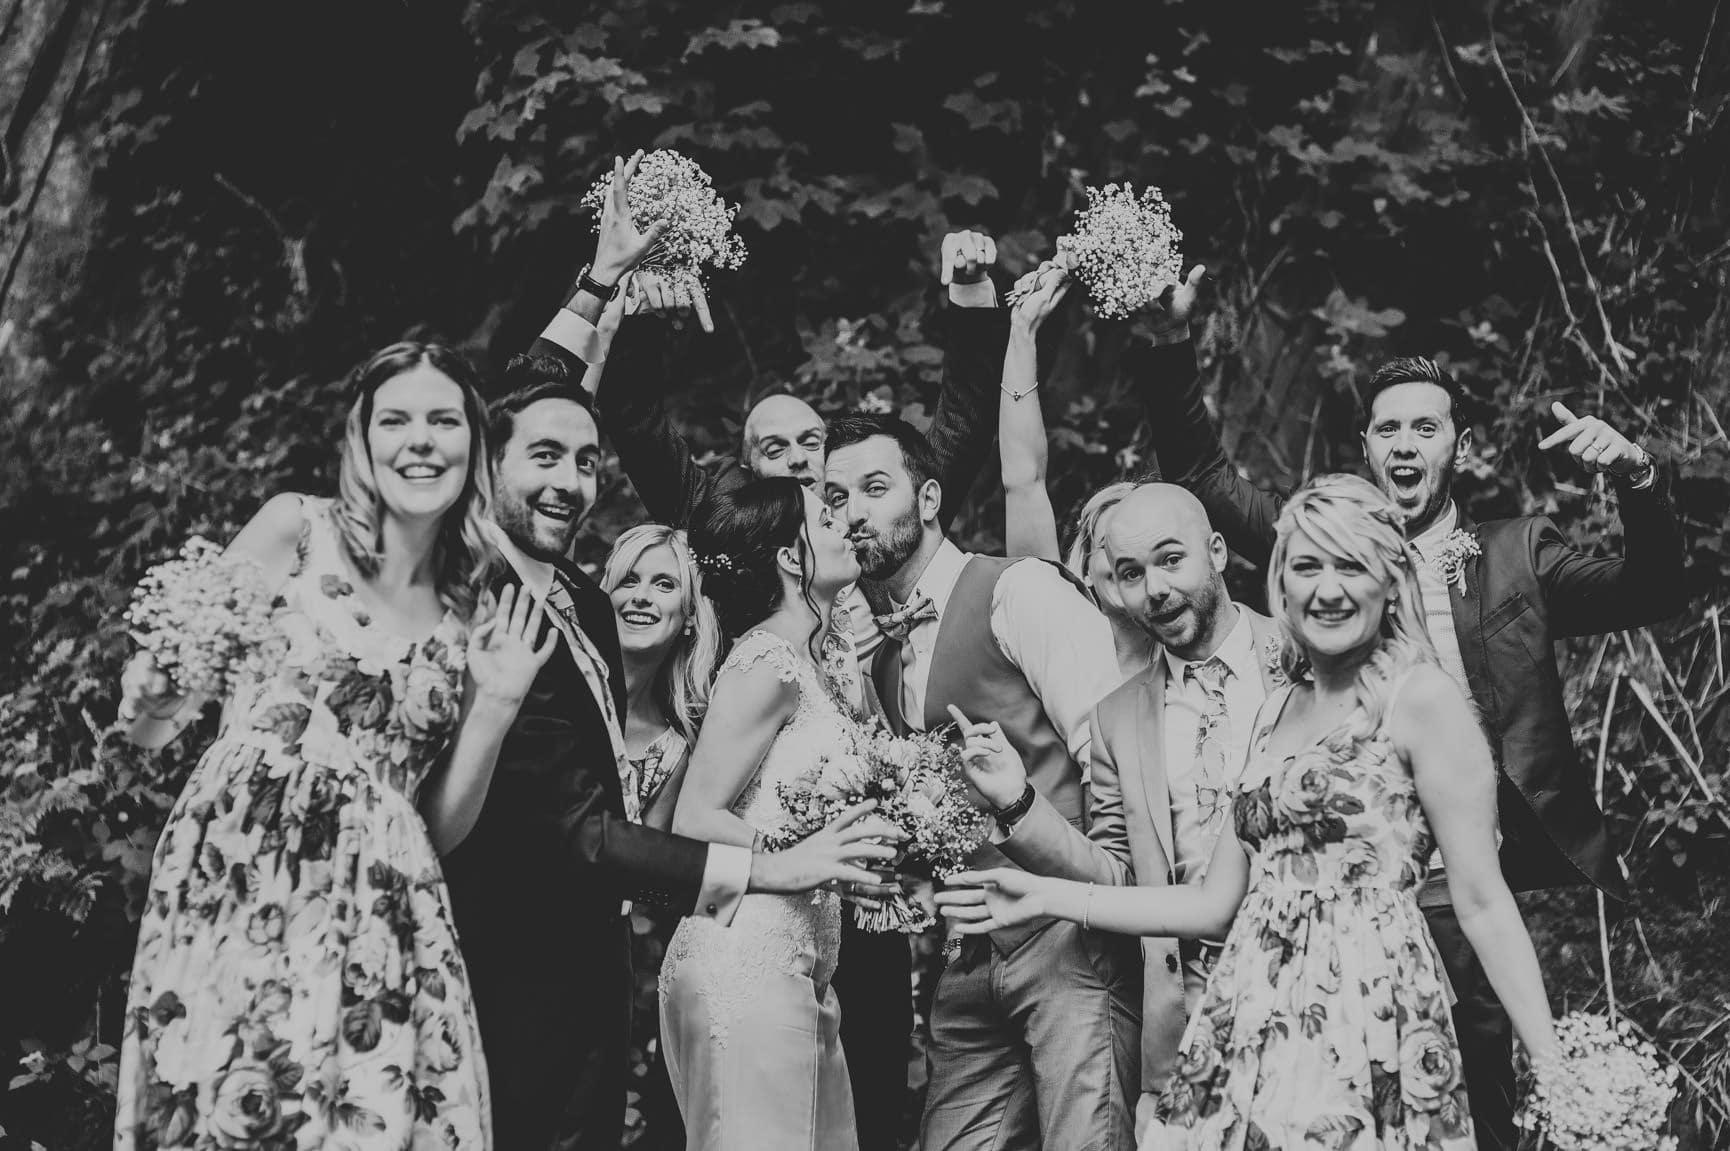 Fforest Wedding, Cardigan, Wales - Lauren and Gareth 175